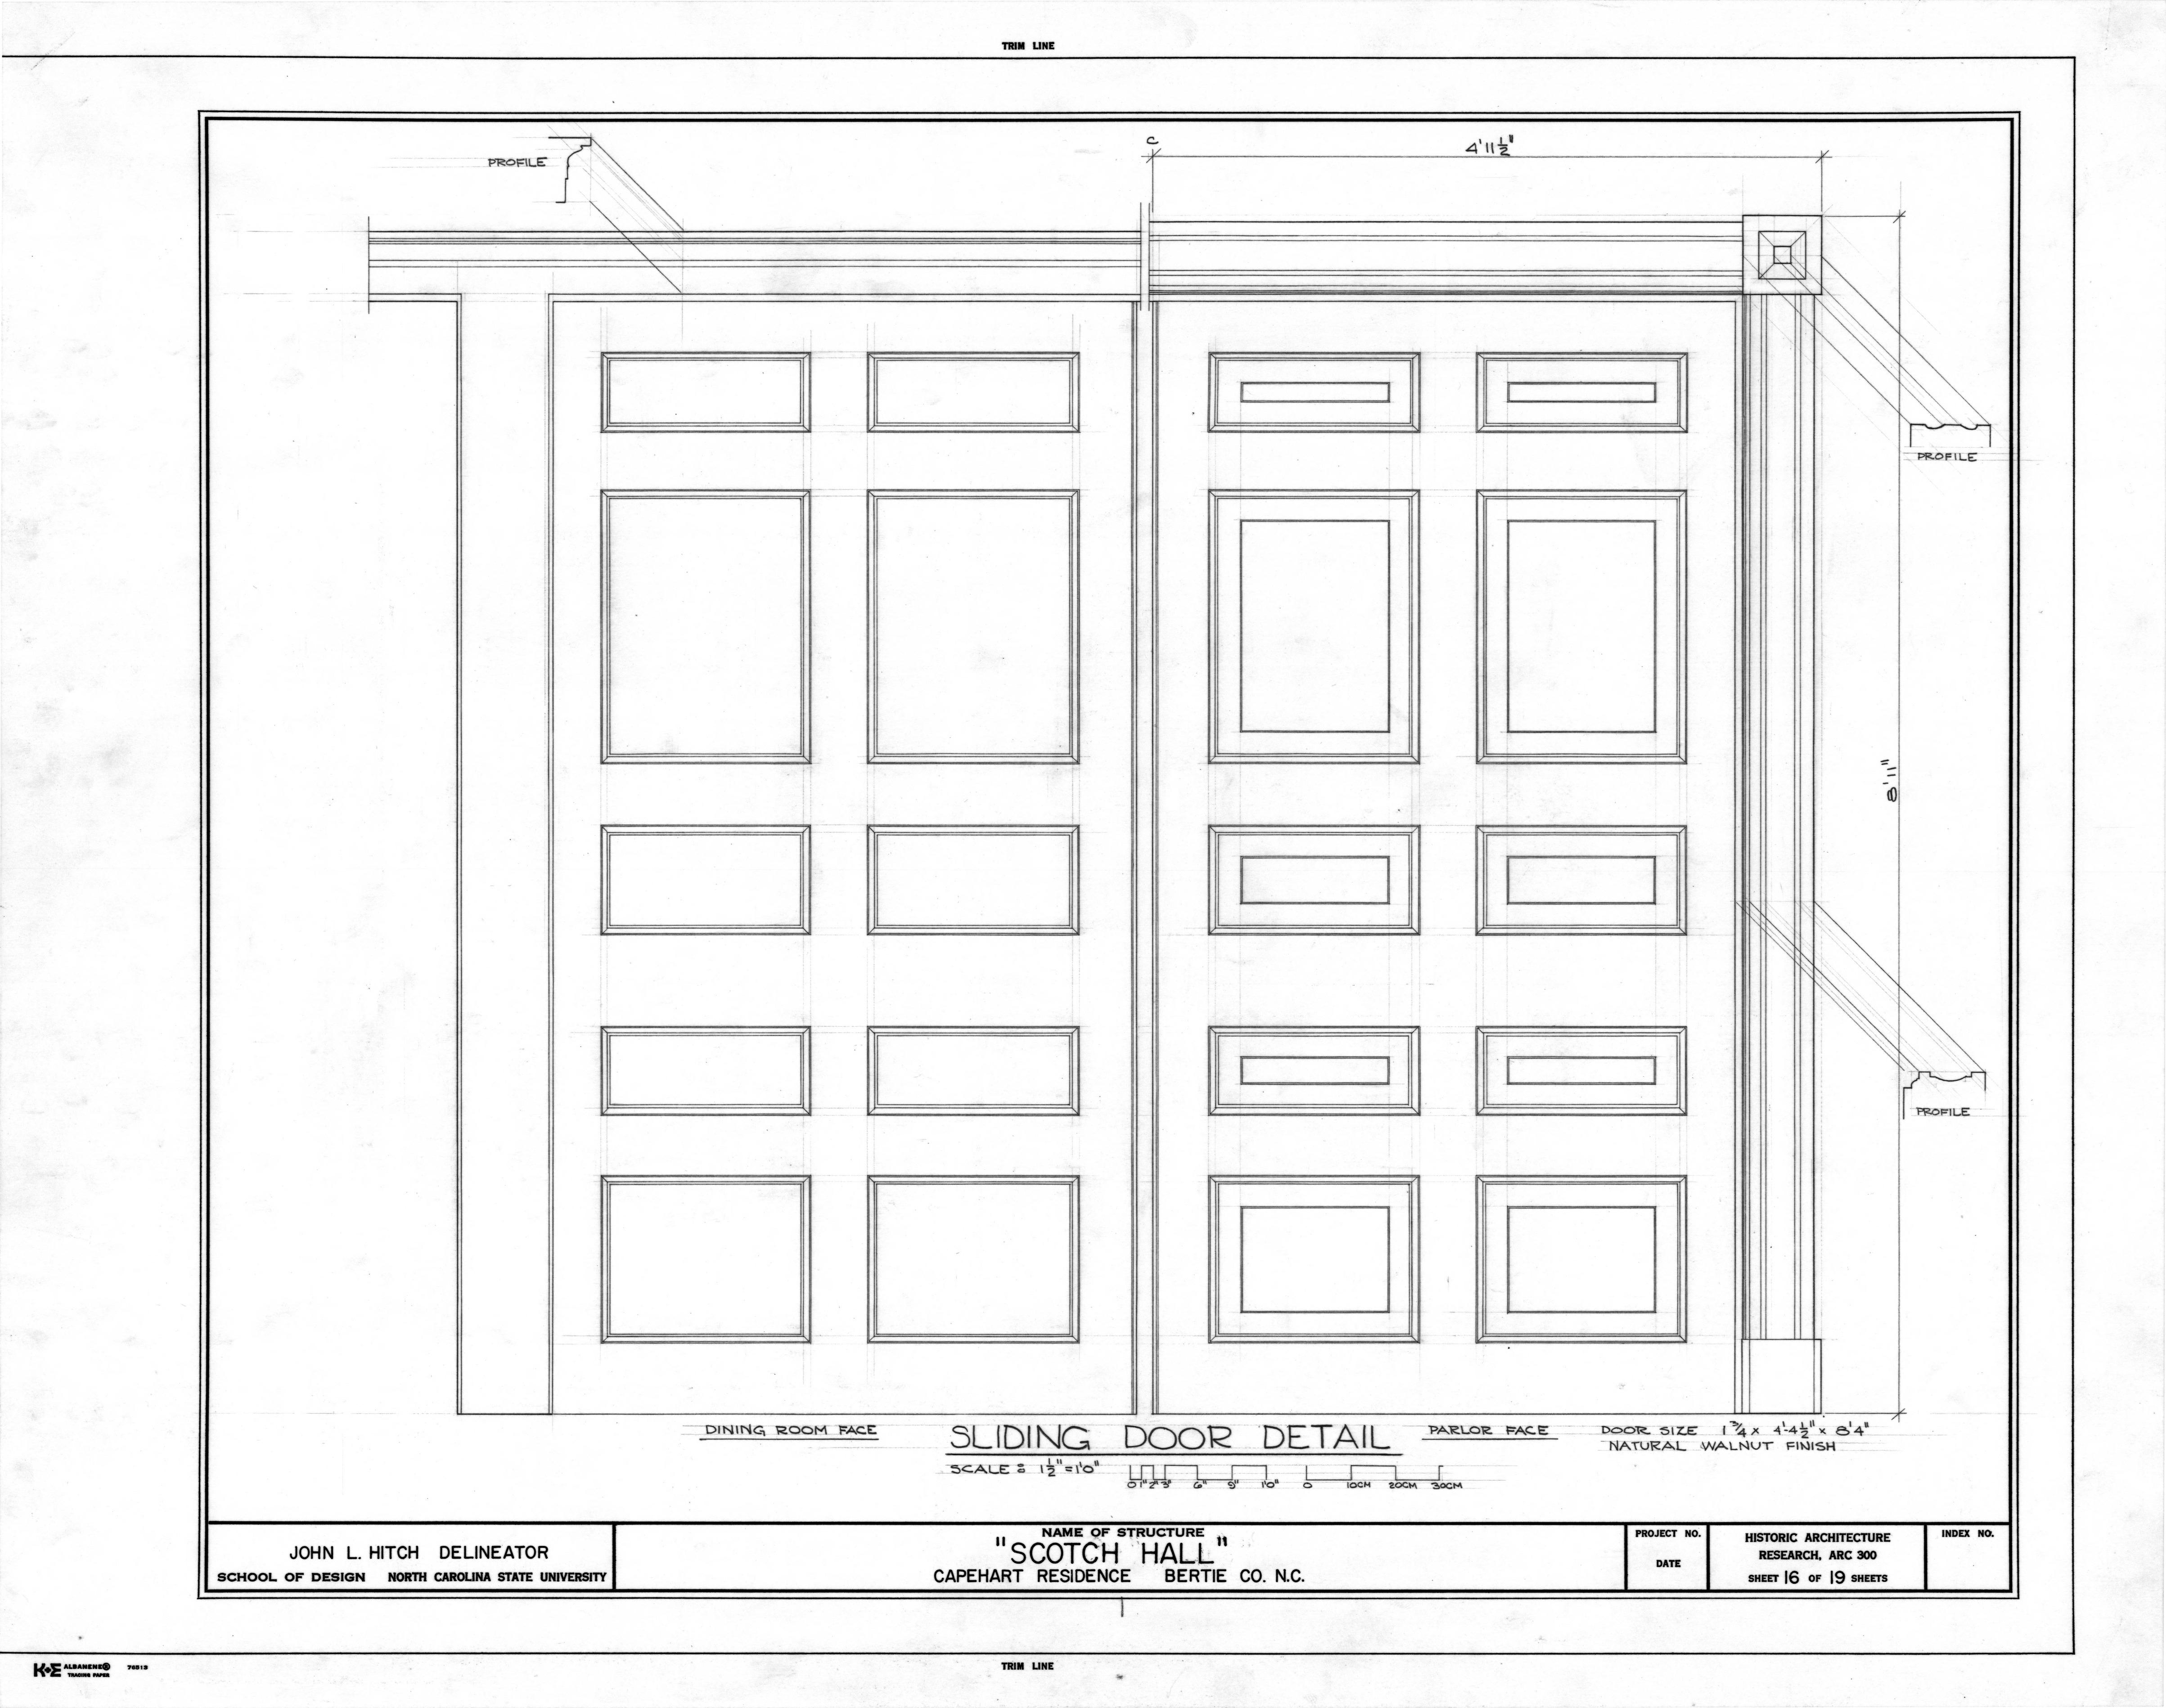 Cabinet Sliding Door Detail Drawing Pictures of Sliding Door